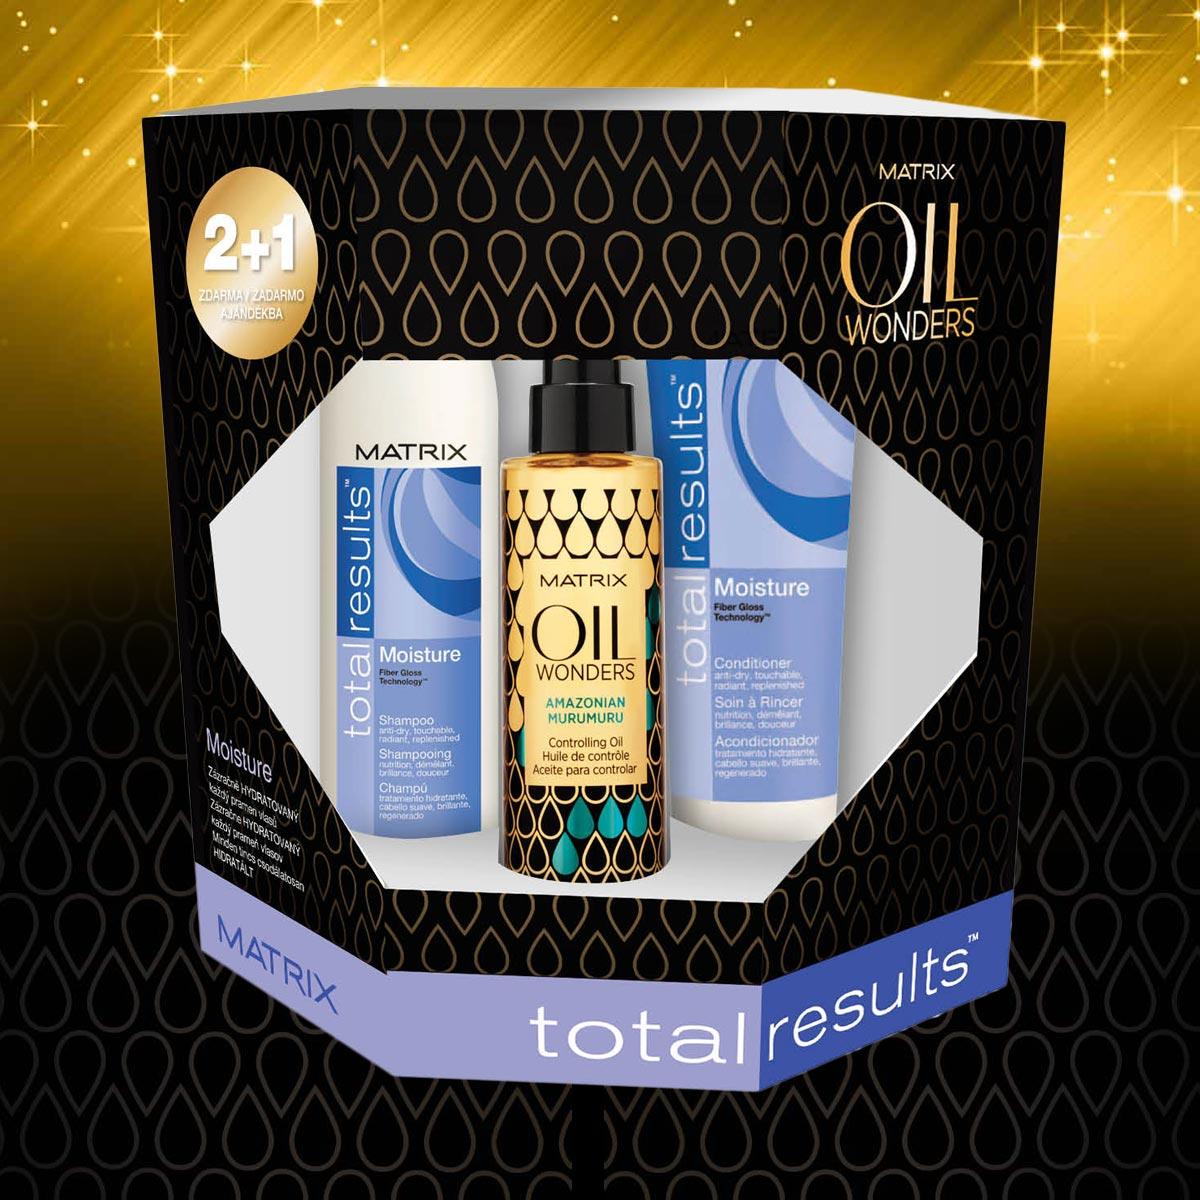 Moisture – vánoční balíček Oil Wonders od Matrix pro suché vlasy